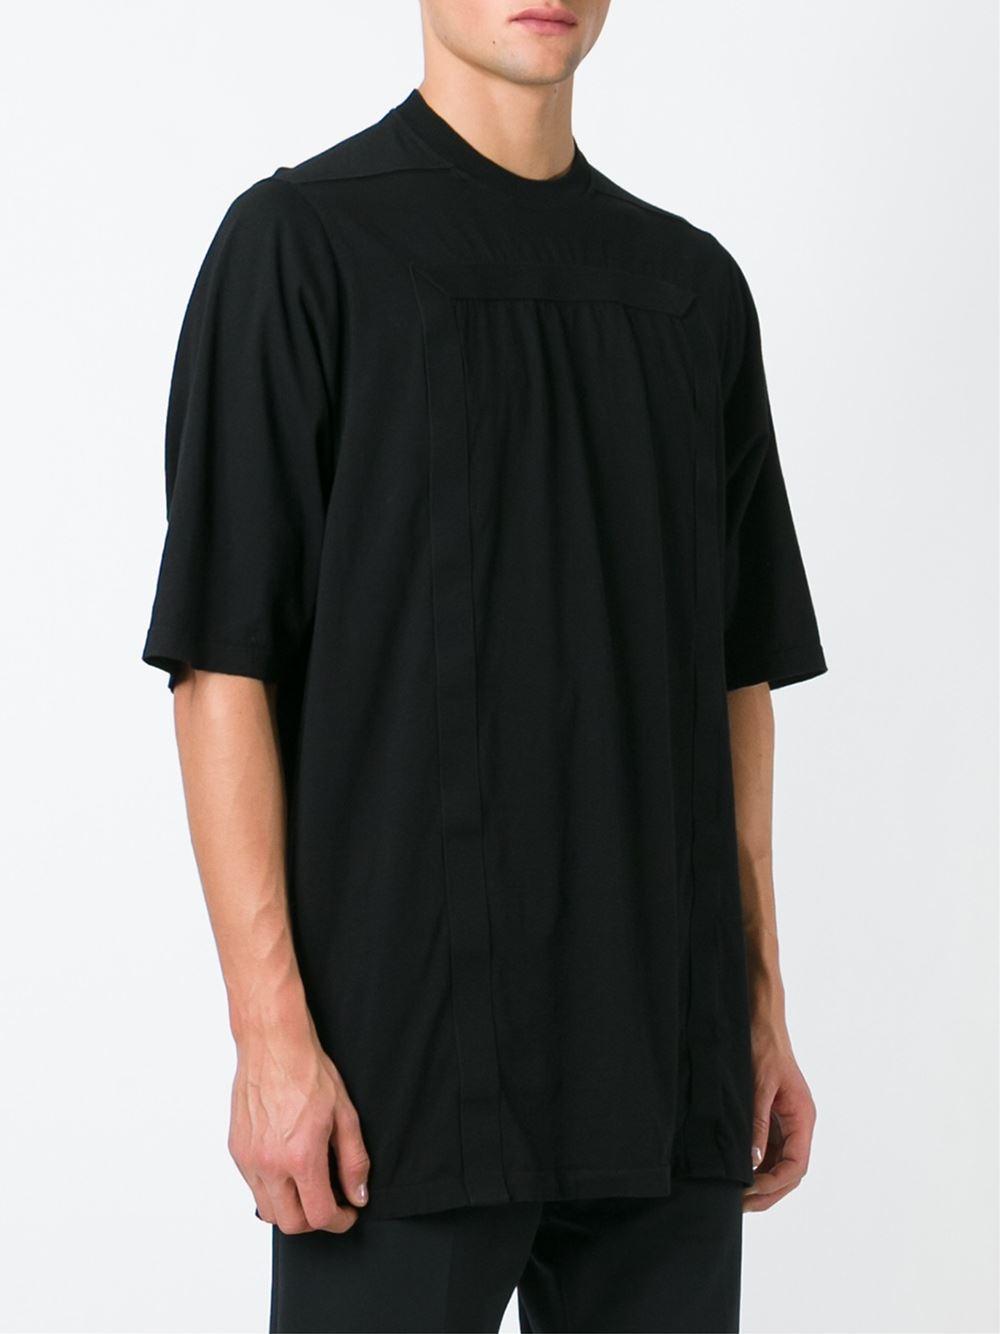 drkshdw by rick owens oversized t shirt in black for men lyst. Black Bedroom Furniture Sets. Home Design Ideas